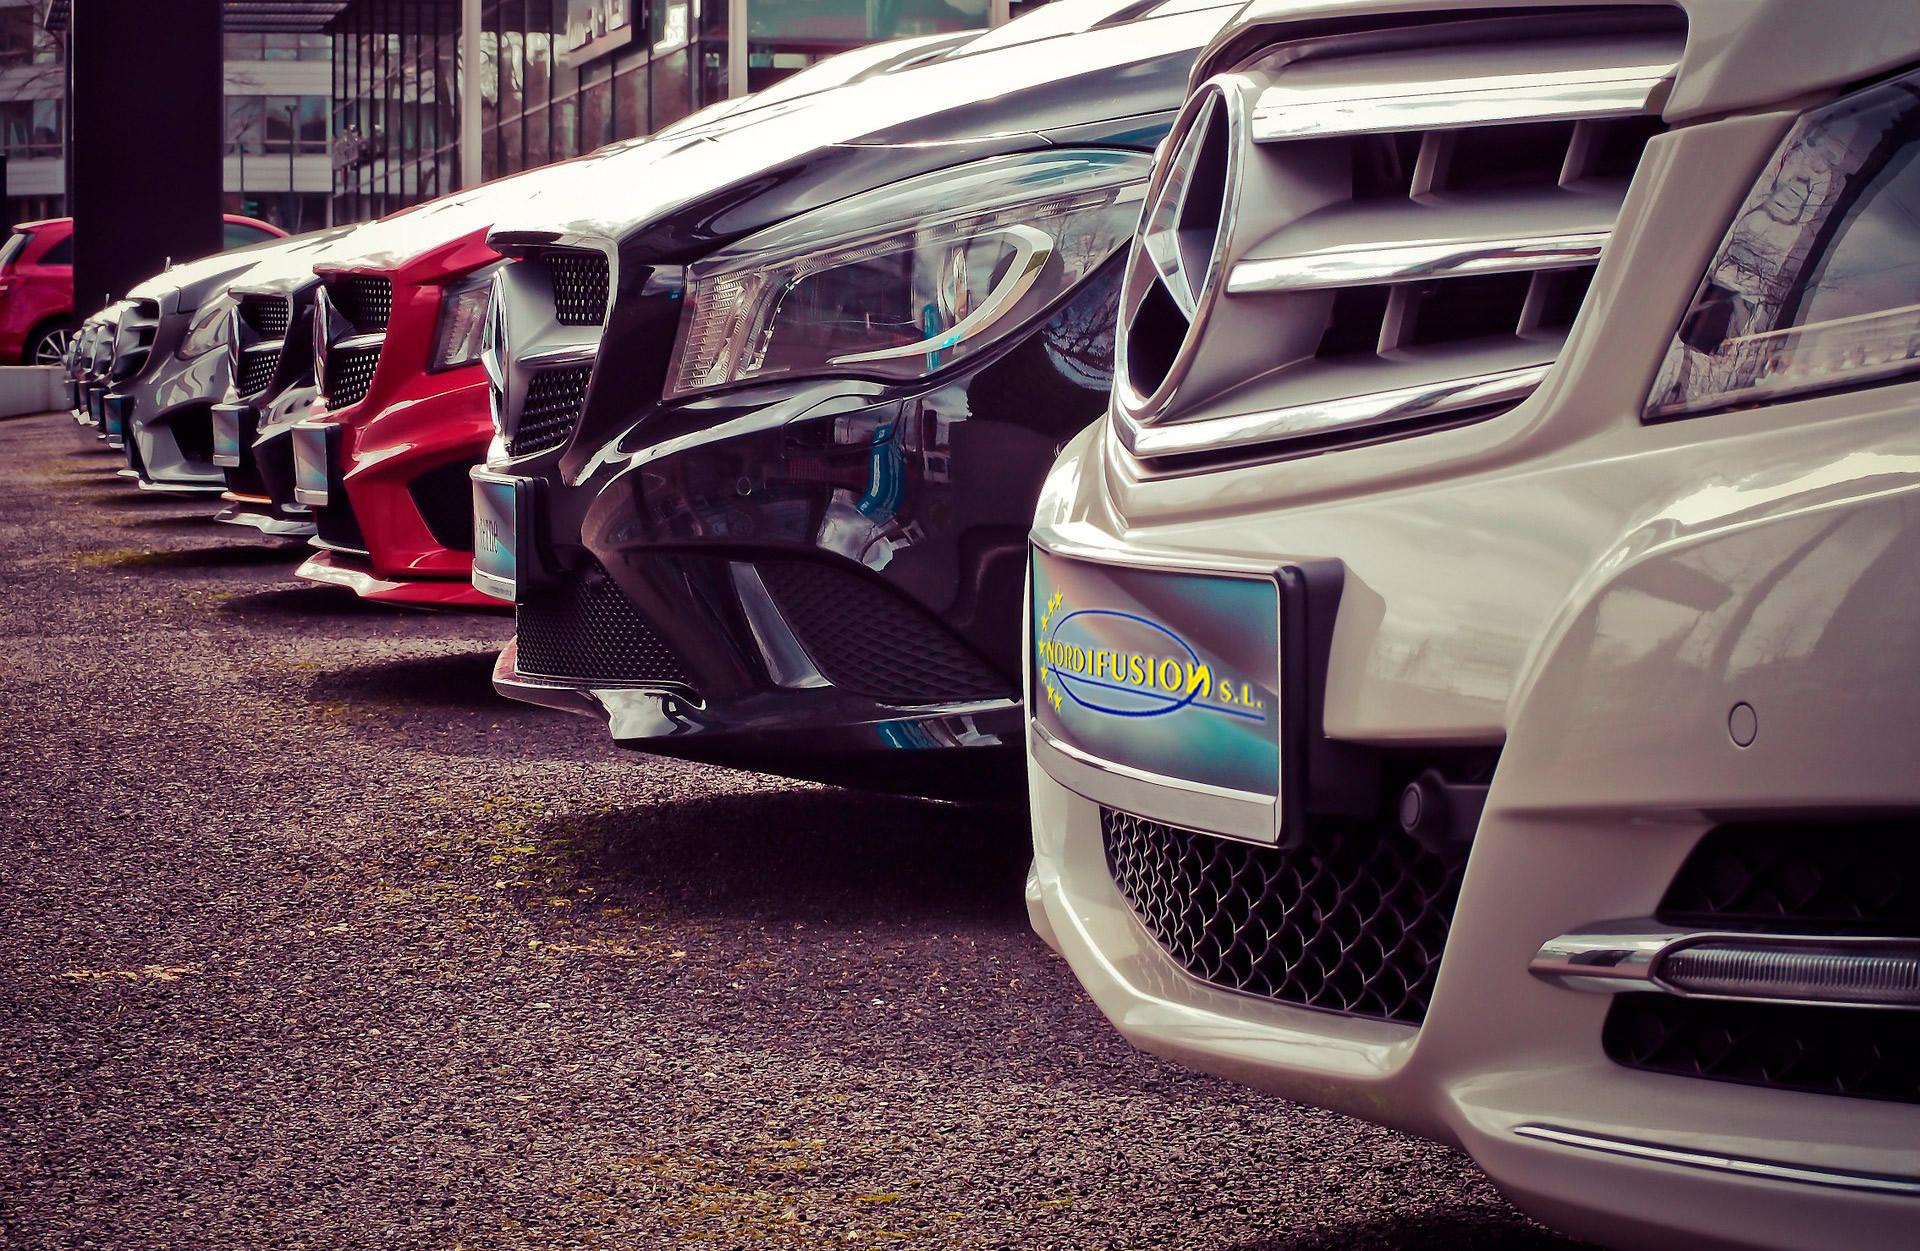 nordifusion-distribuidor-coches-nuevos-slider